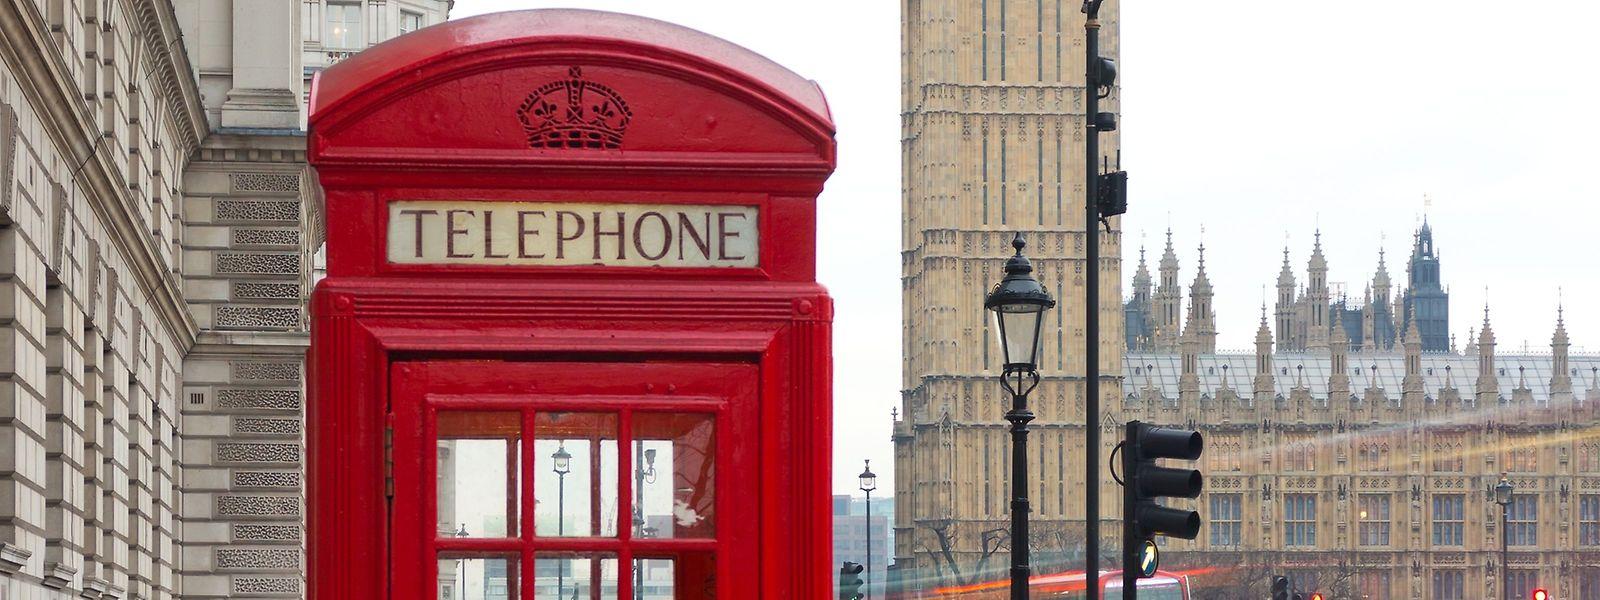 Sollten die Roaming-Gebühren für Mobiltelefonate durch den EU-Austritt wieder kostspielig werden, könnte die gute alte Telefonzelle erneut an Charme gewinnen – sofern sie noch funktioniert.